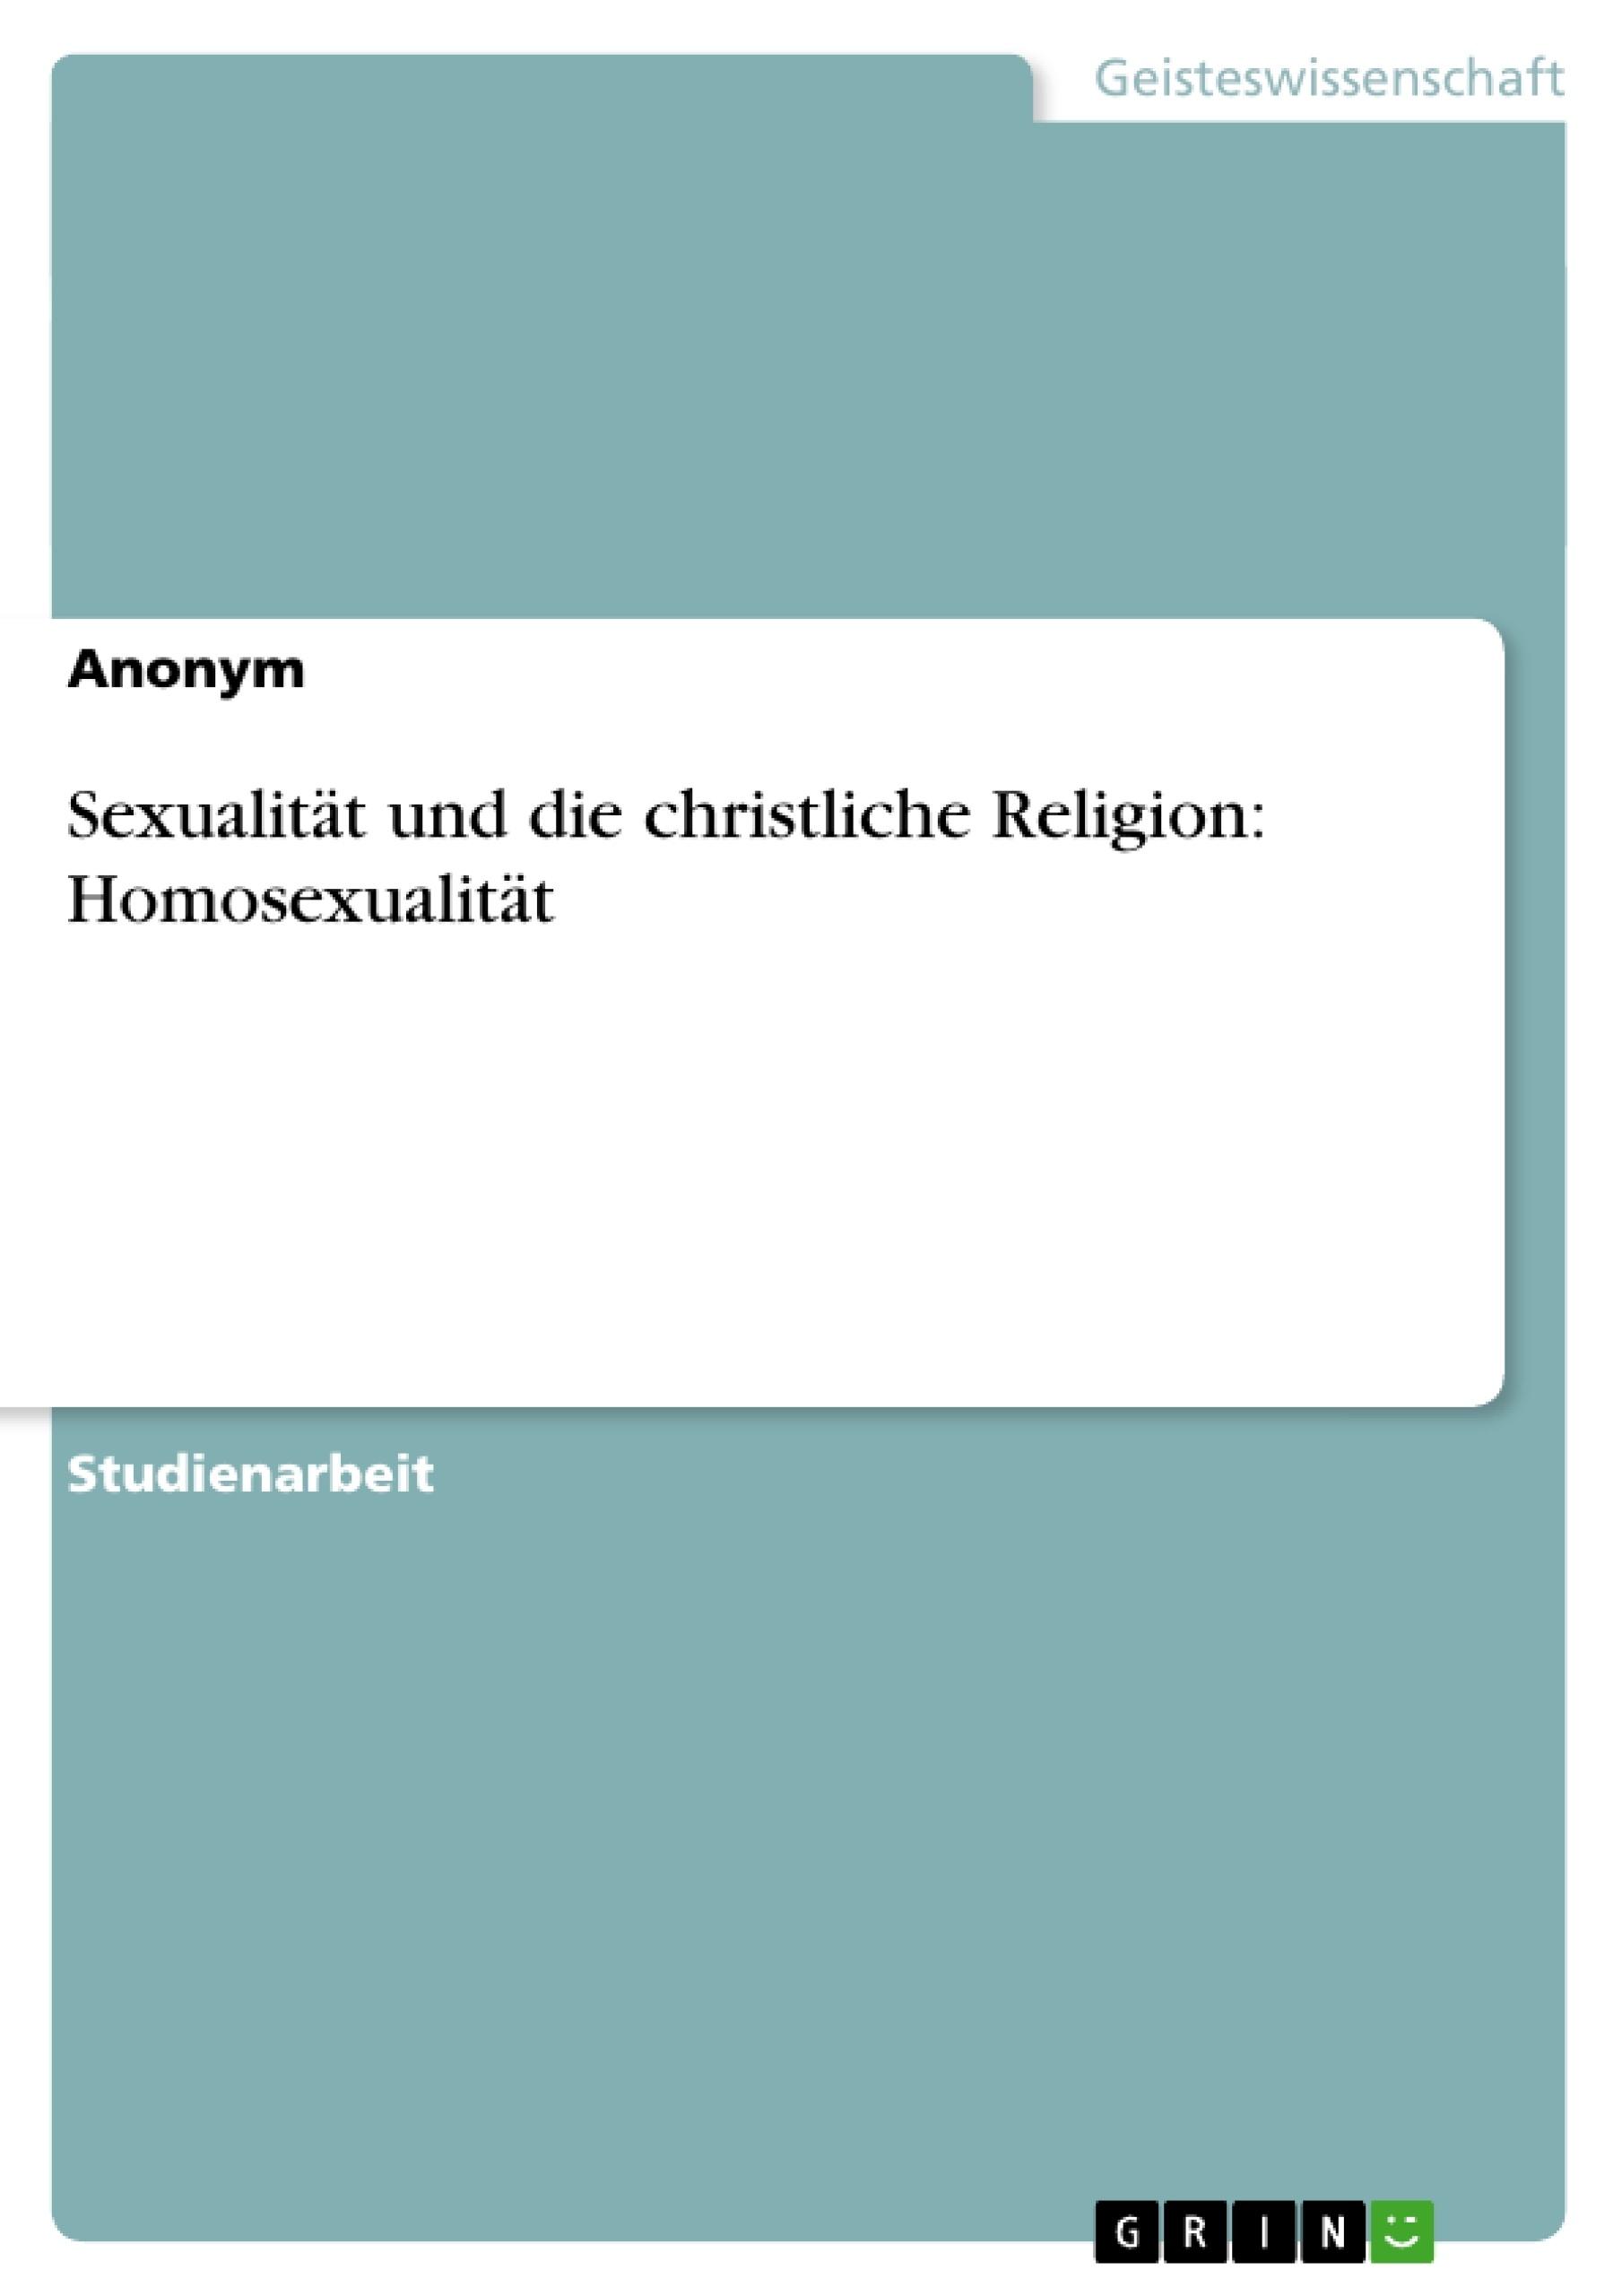 Titel: Sexualität und die christliche Religion: Homosexualität